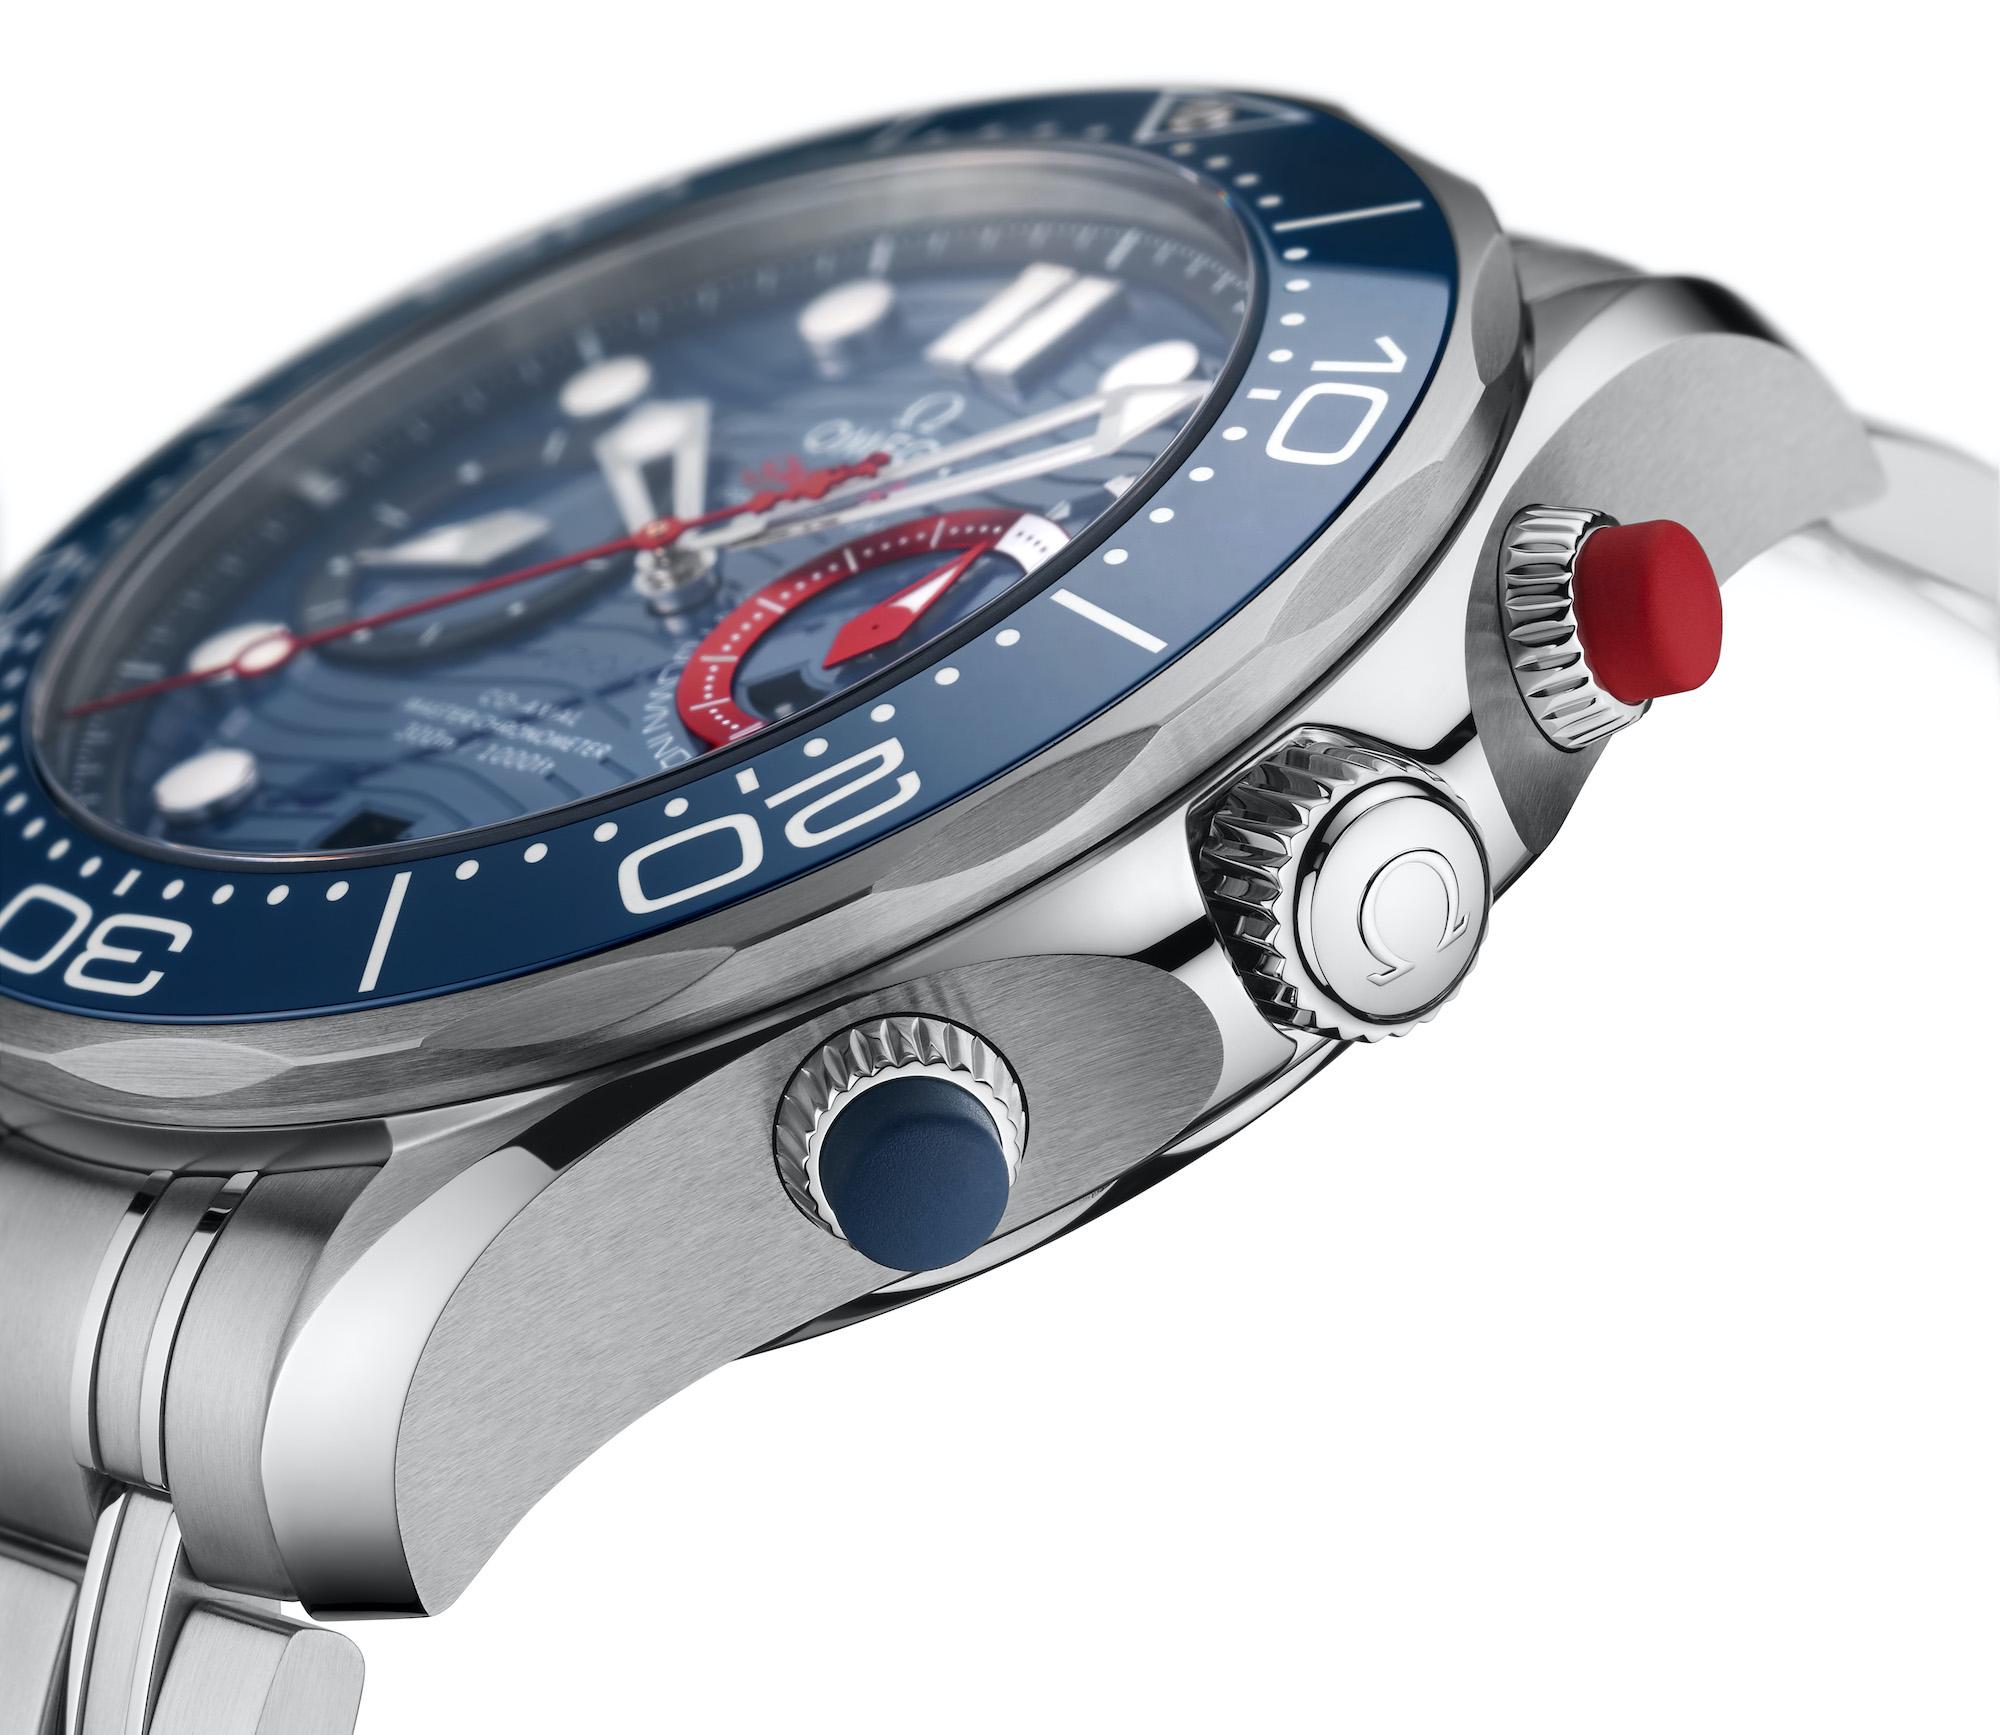 Omega Seamaster Diver 300M Americas Cup Chronograph 210.30.44.51.03.002 Detalle pulsadores cronógrafo